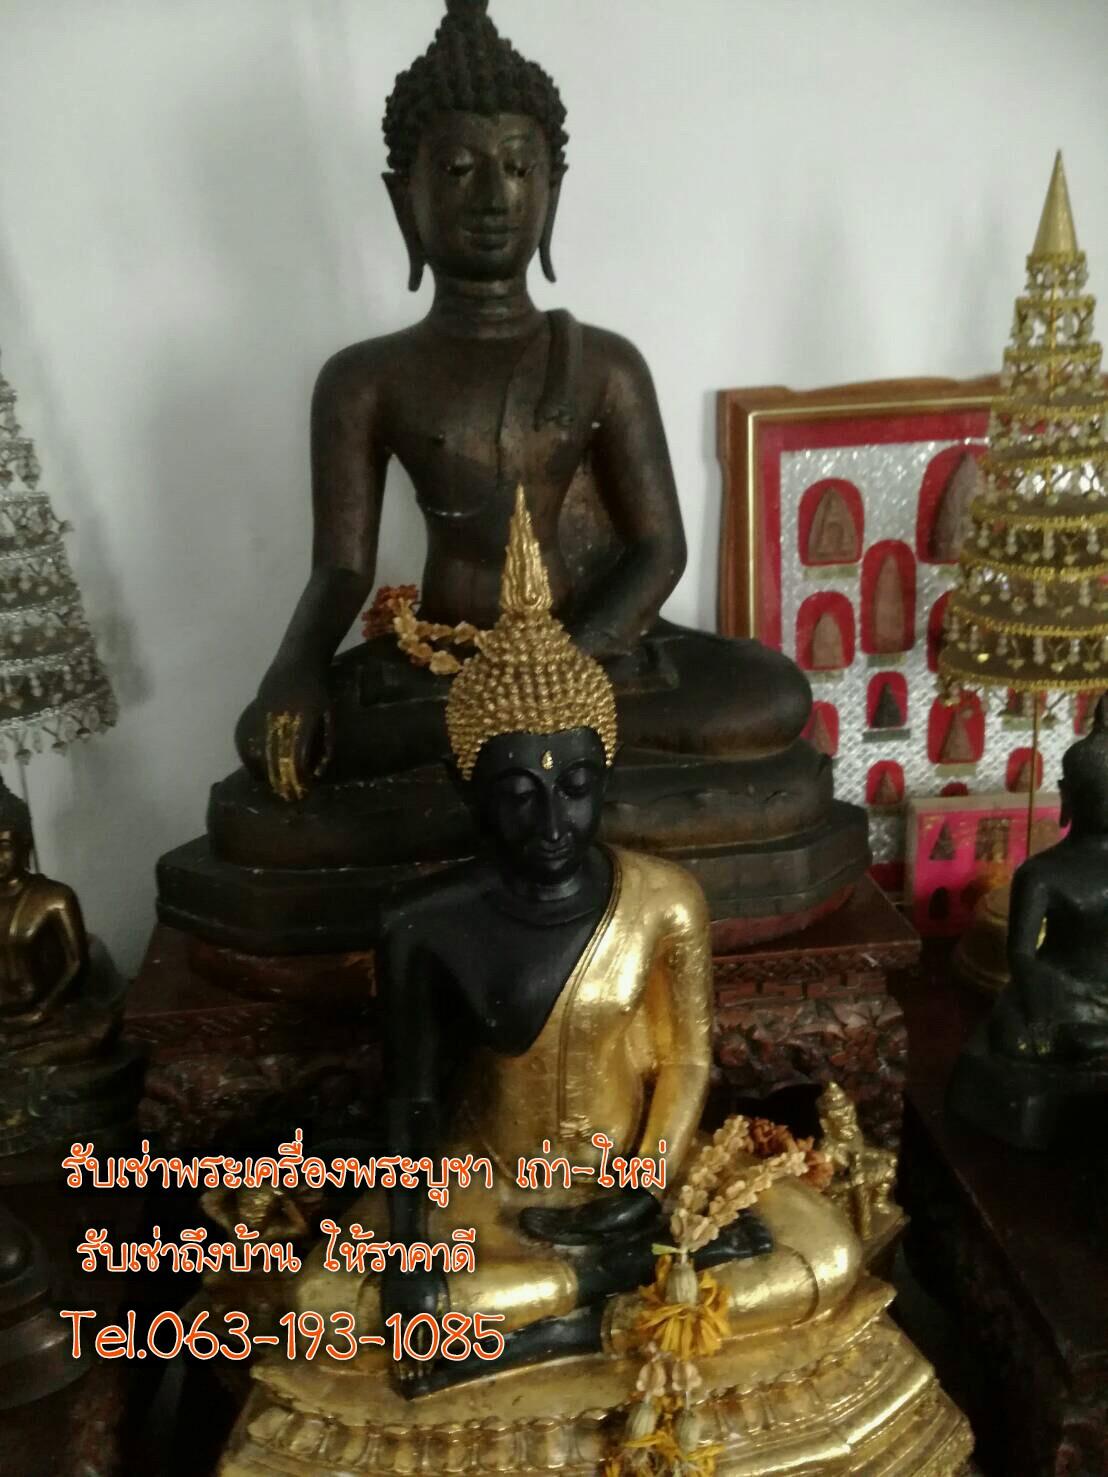 รับเช่าพระบูชาเก่า รับเช่าพระพุทธรูป รับเช่าพระถึงบ้าน รับเช่าเครื่องถึงบ้าน รับเช่าพระทองคำ รับเช่าพระถึงบ้าน รับเช่าพระเงินสด